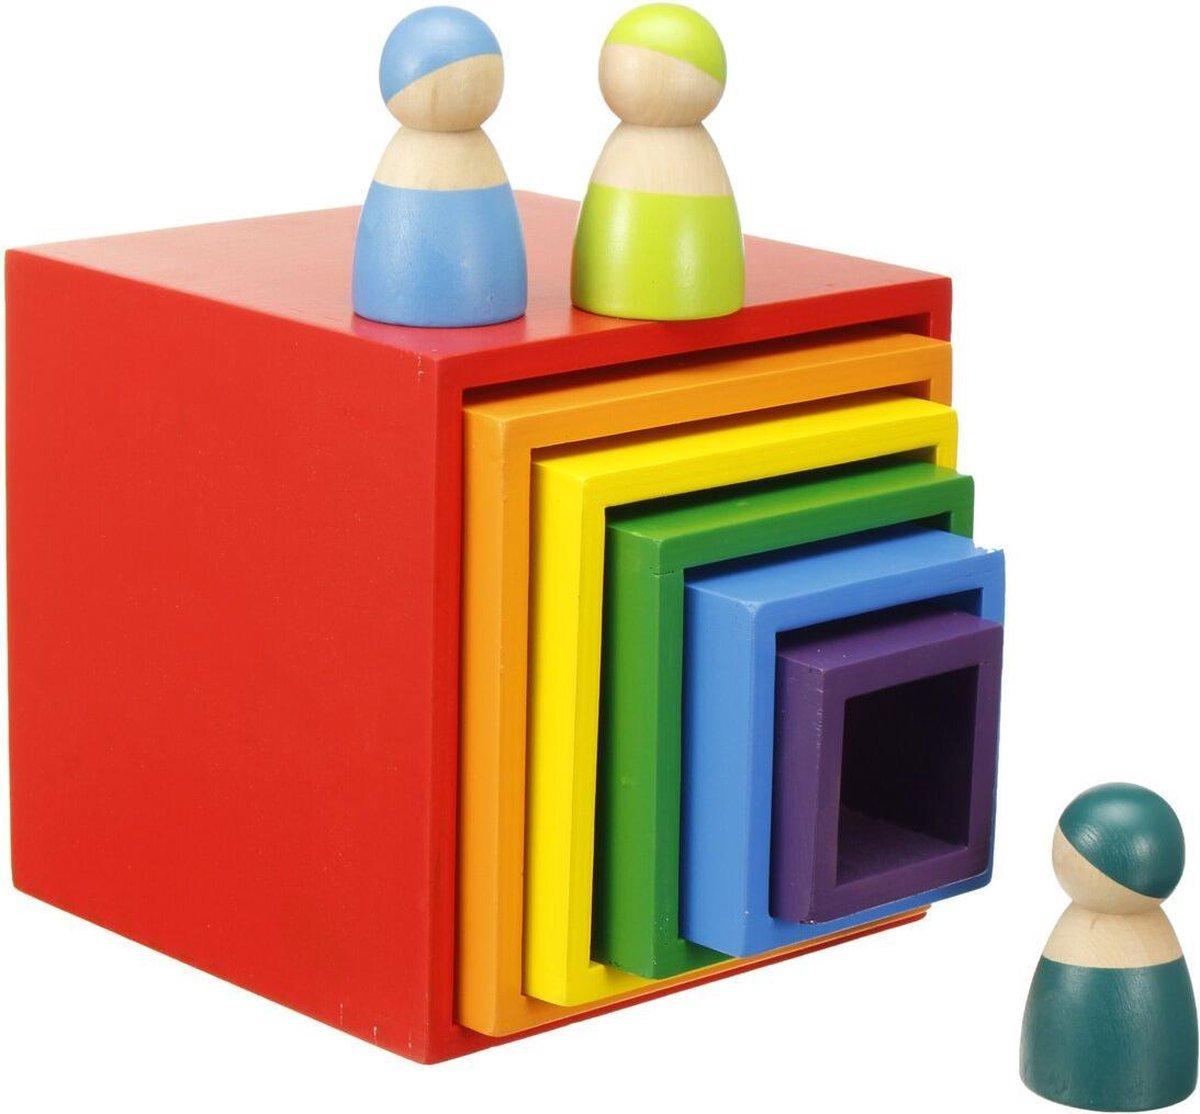 Regenboogkleuren blokken speelgoed hout kinderen